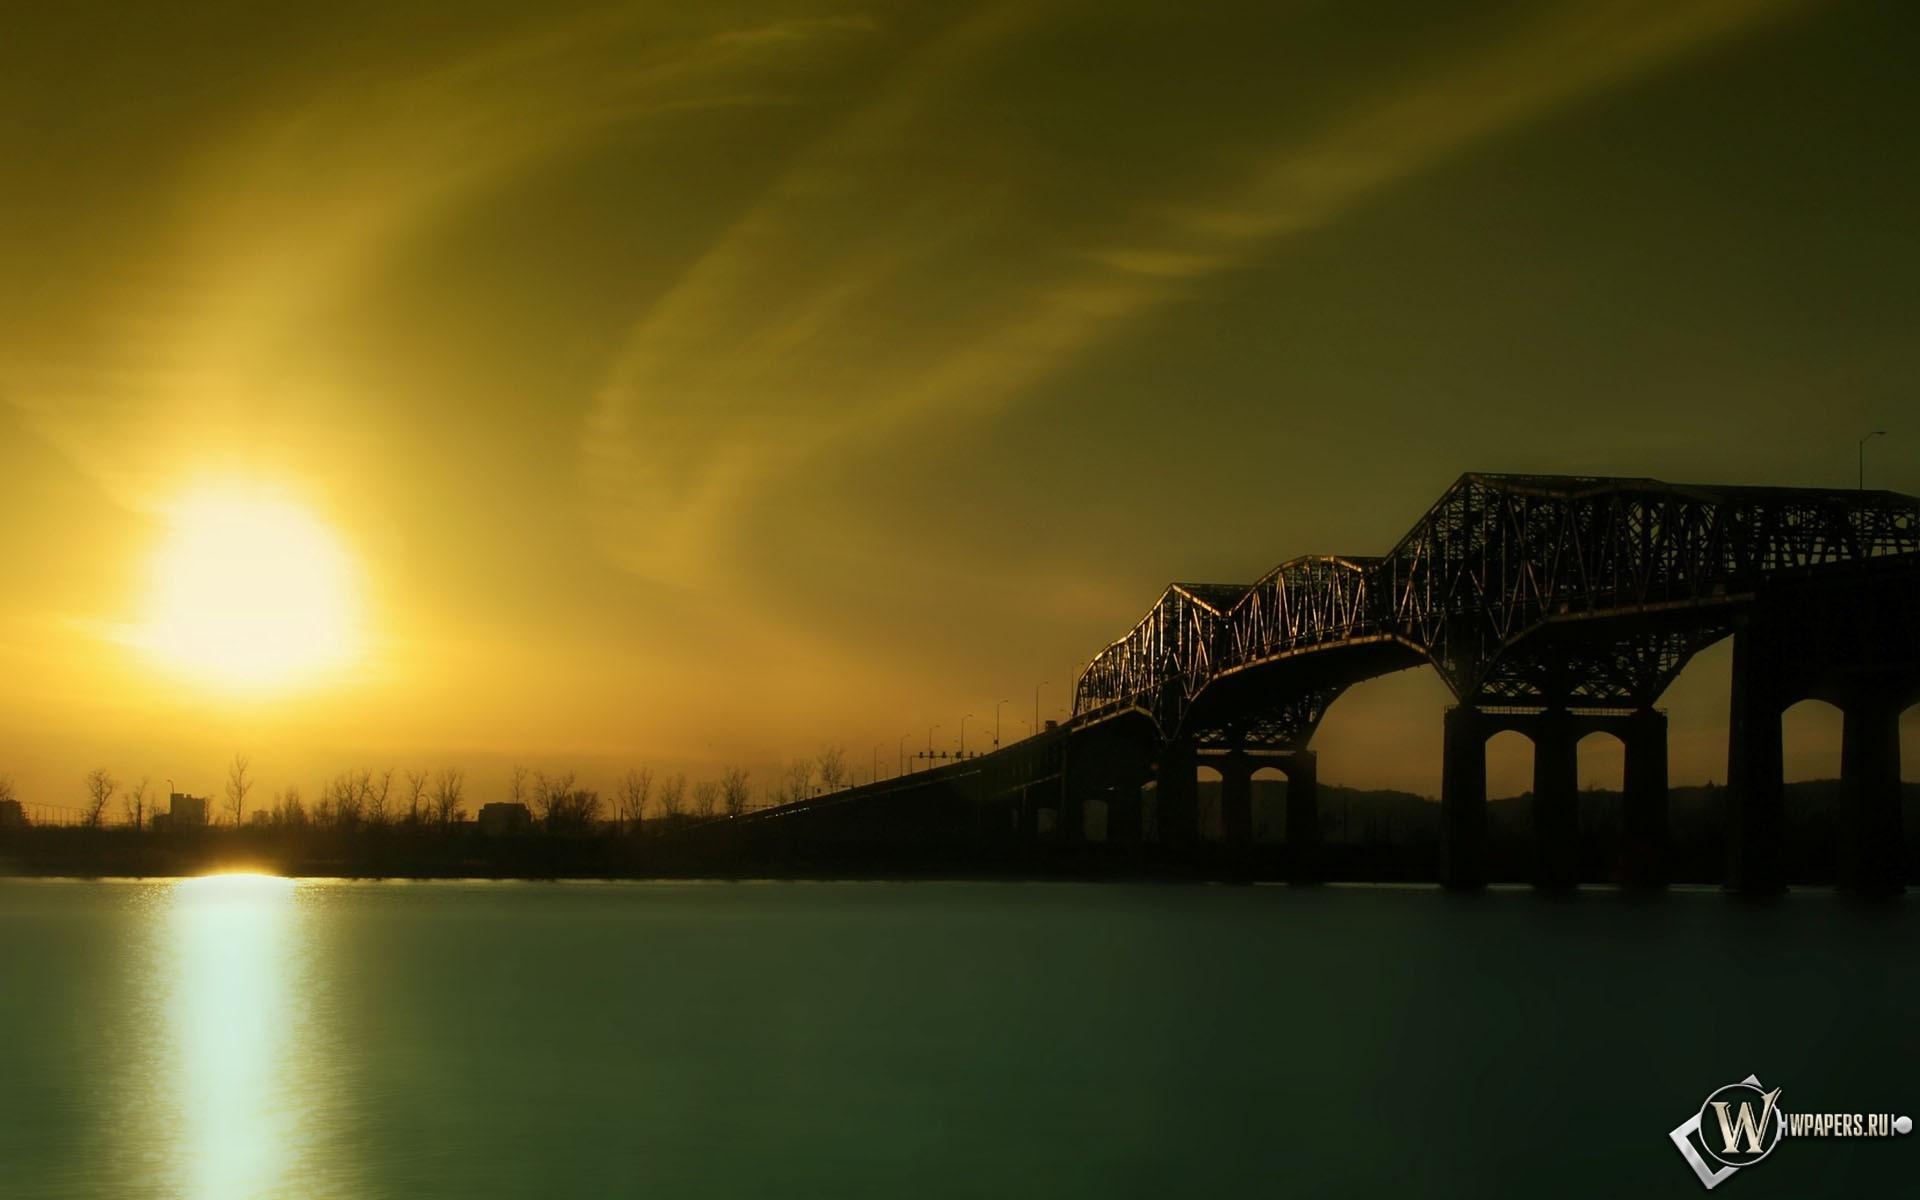 Восход над рекой 1920x1200